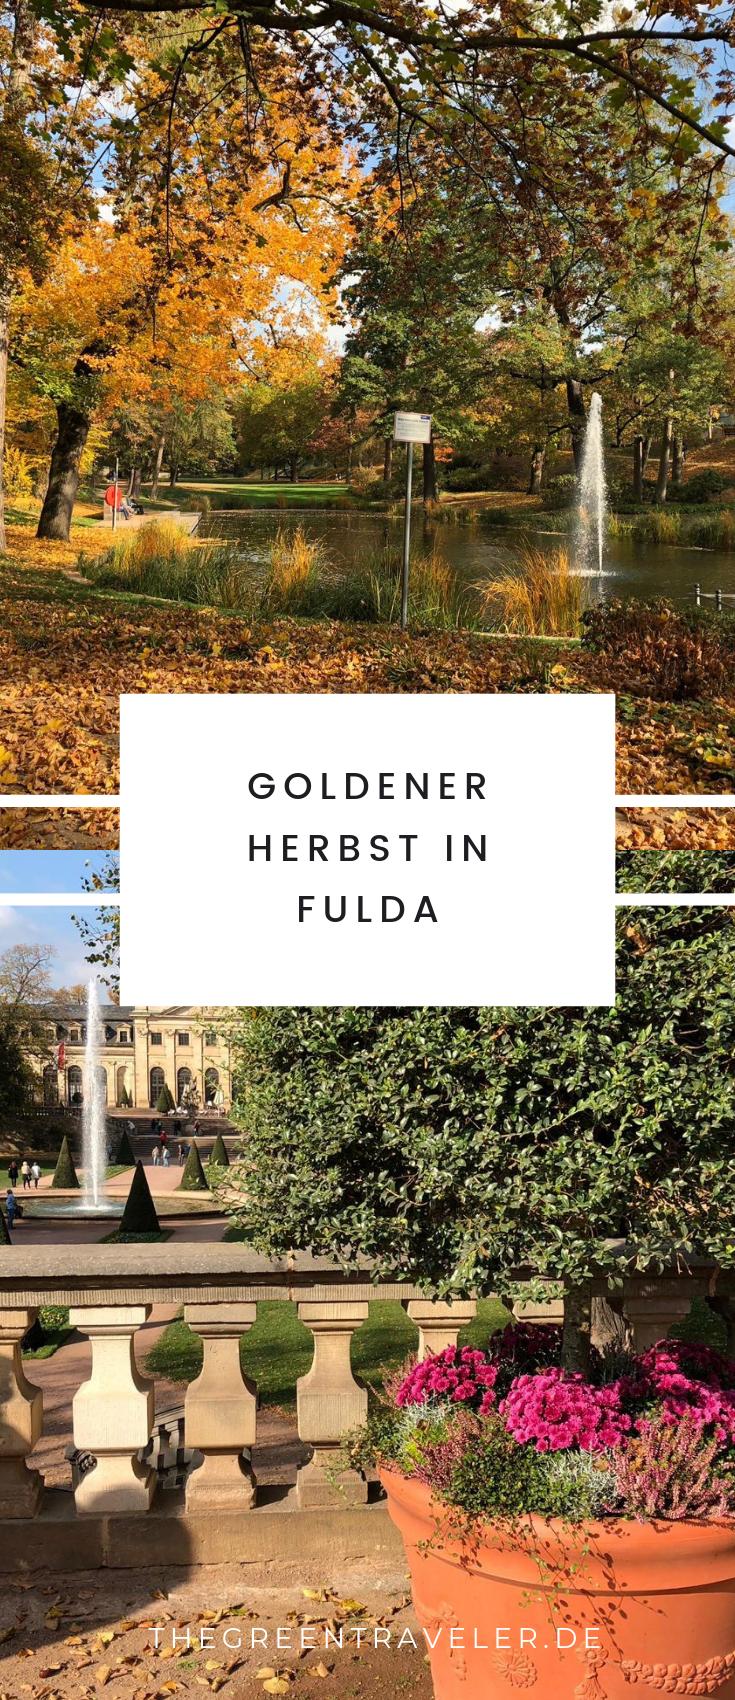 Goldener Herbst in Fulda - Pinne den Post für später auf Pinterest